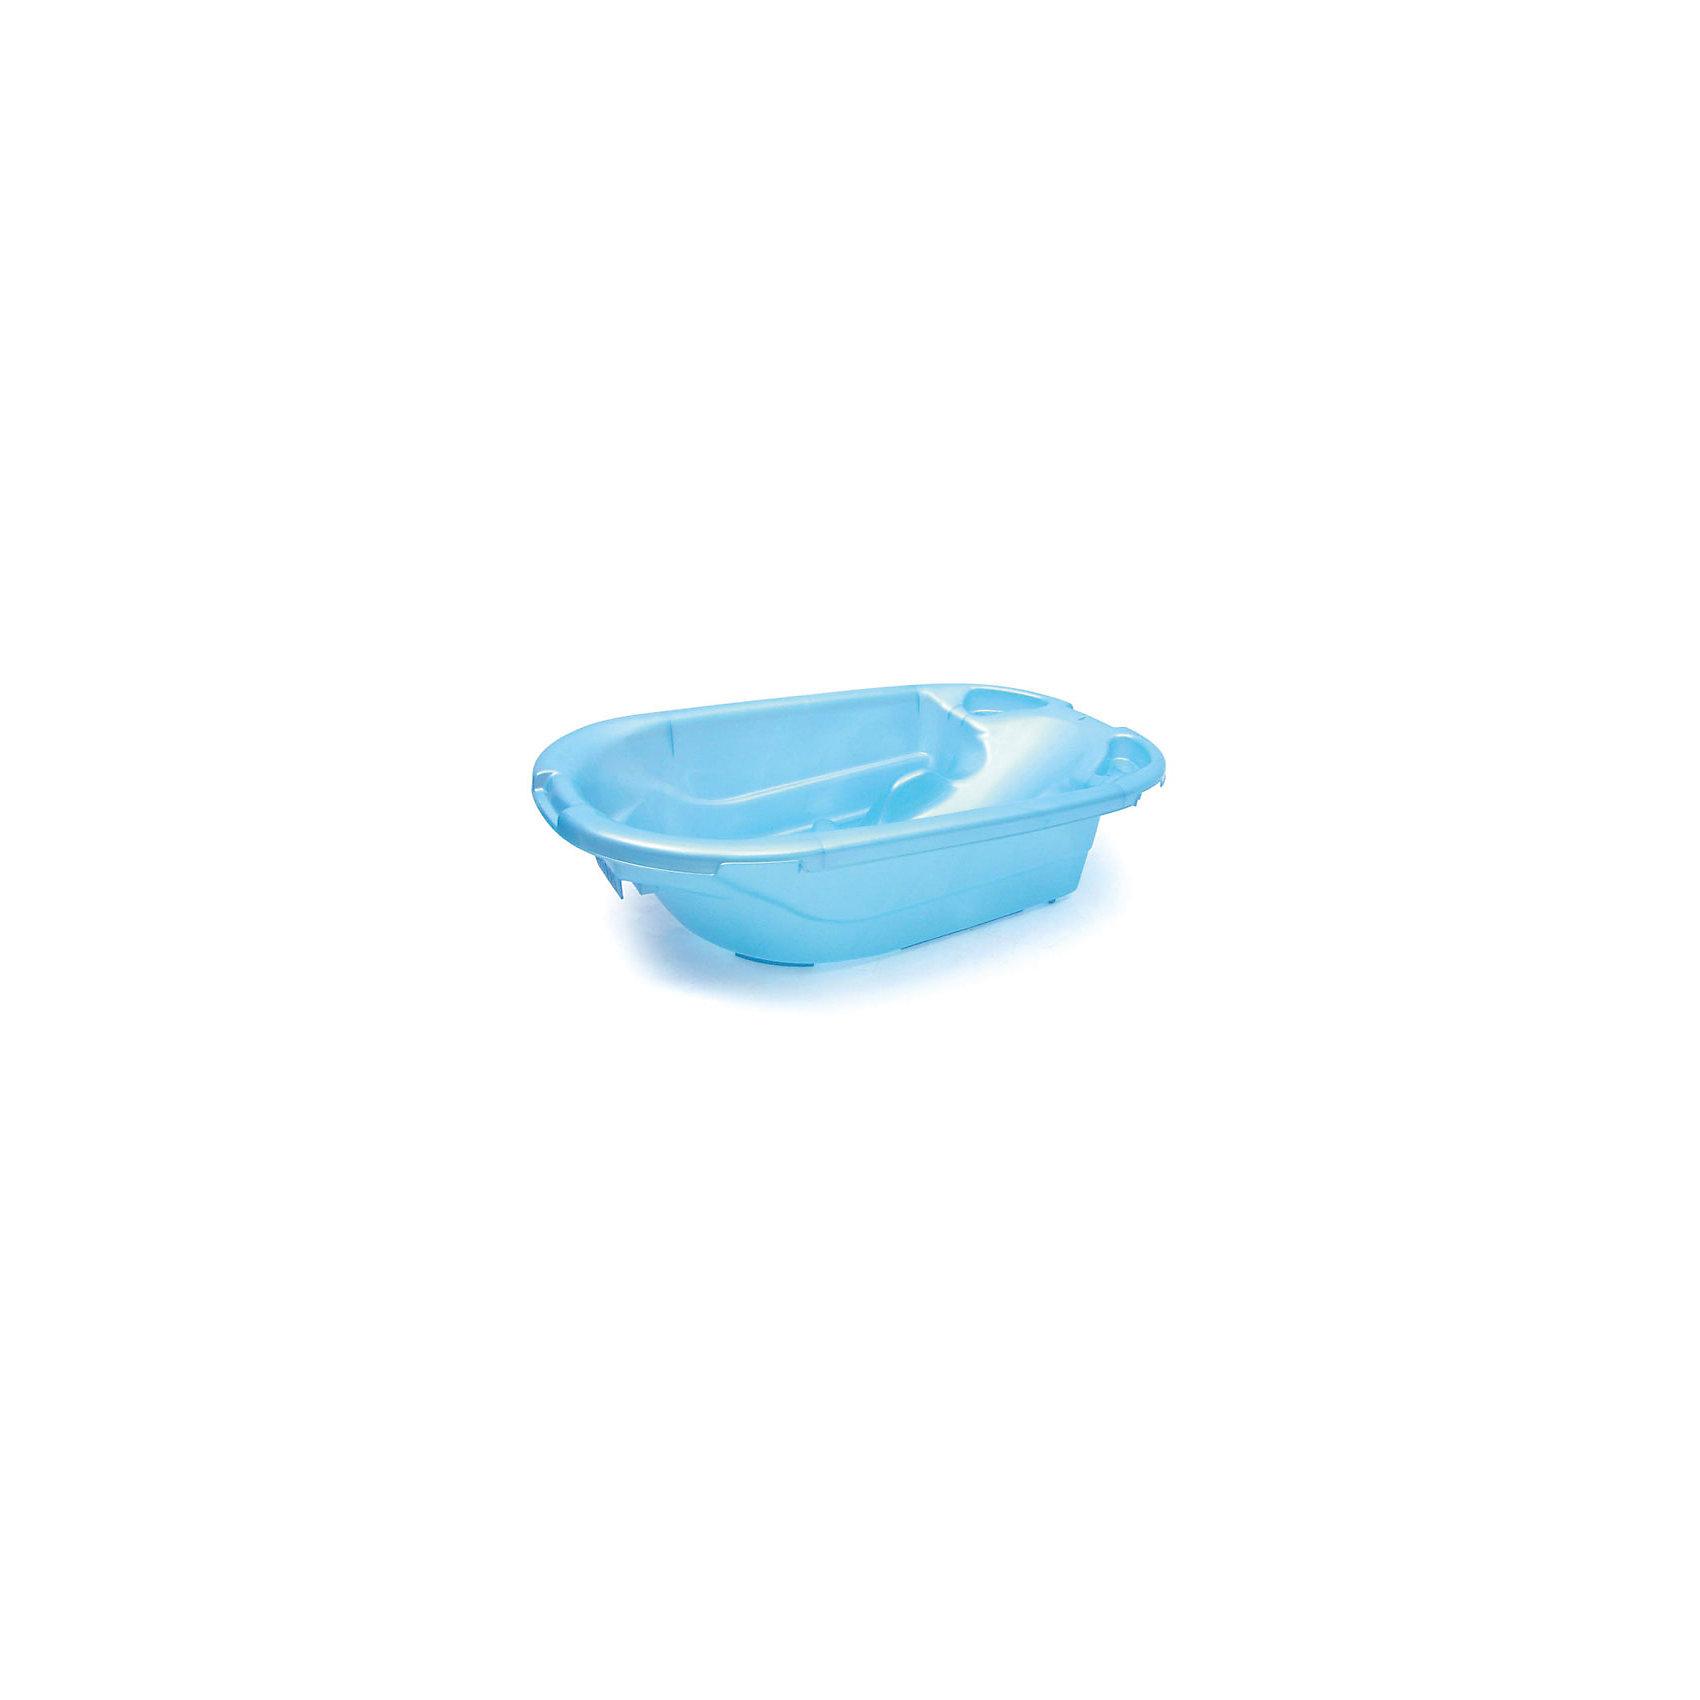 Пластишка Ванна детская универсальная, Пластишка, голубой купить алюминевый бак под воду